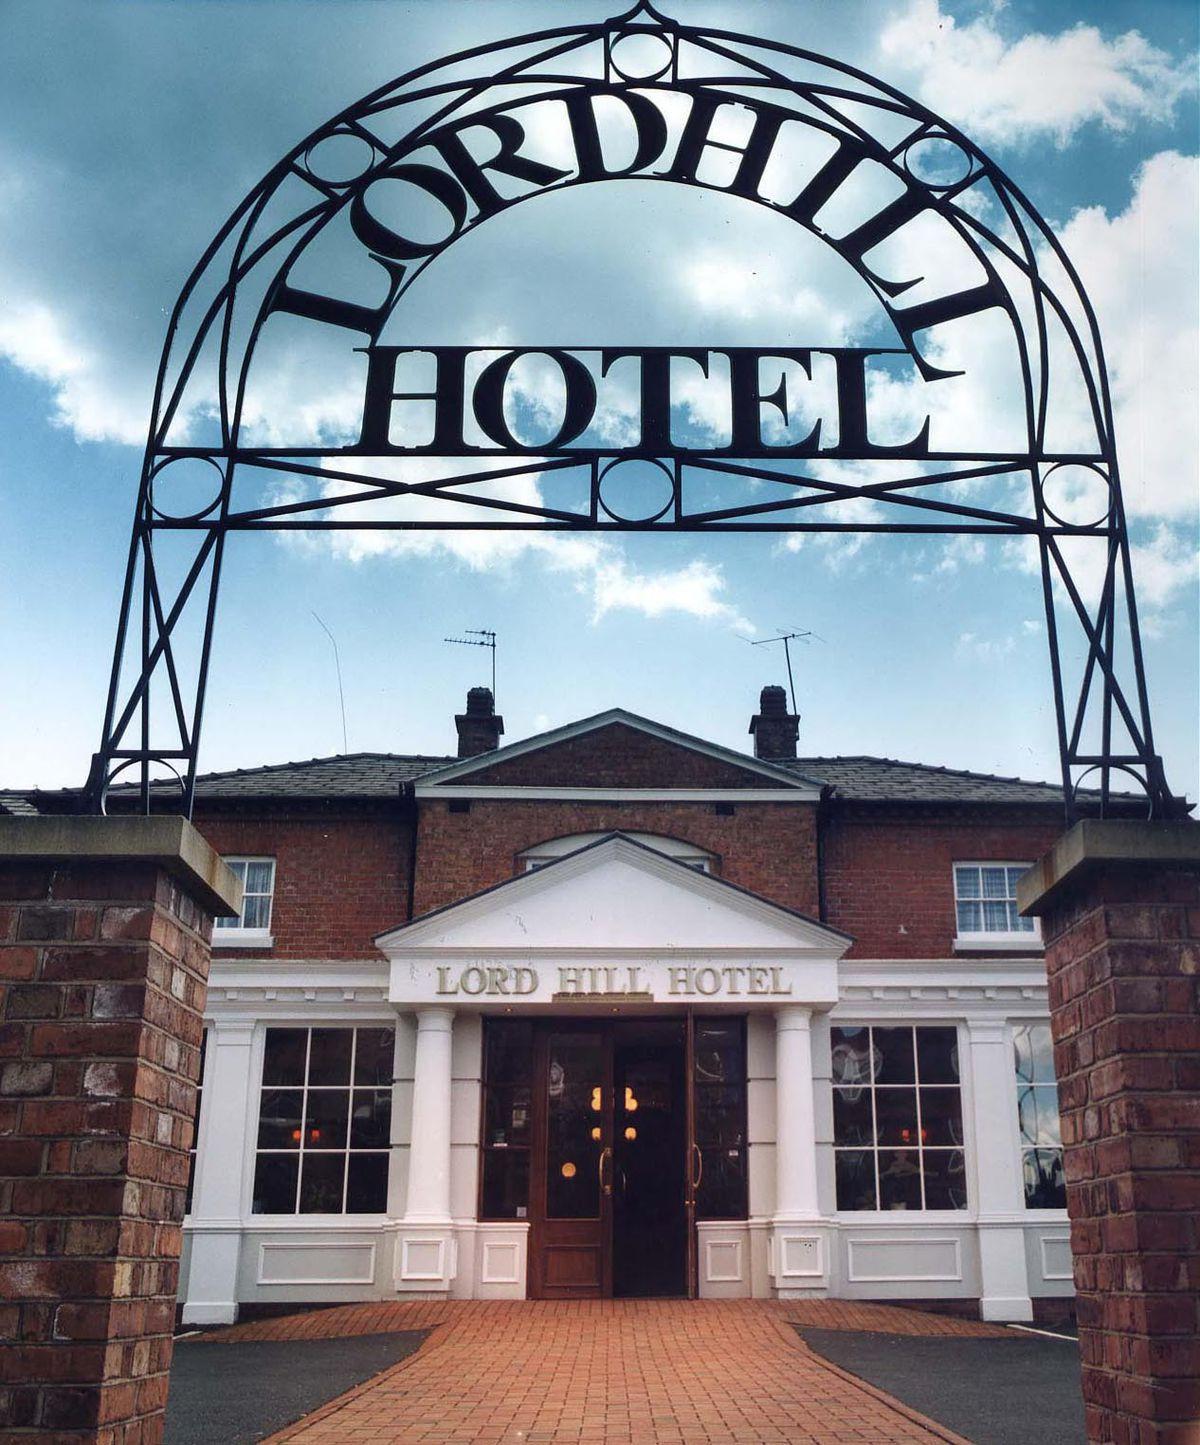 The former Lord Hill Hotel, Shrewsbury